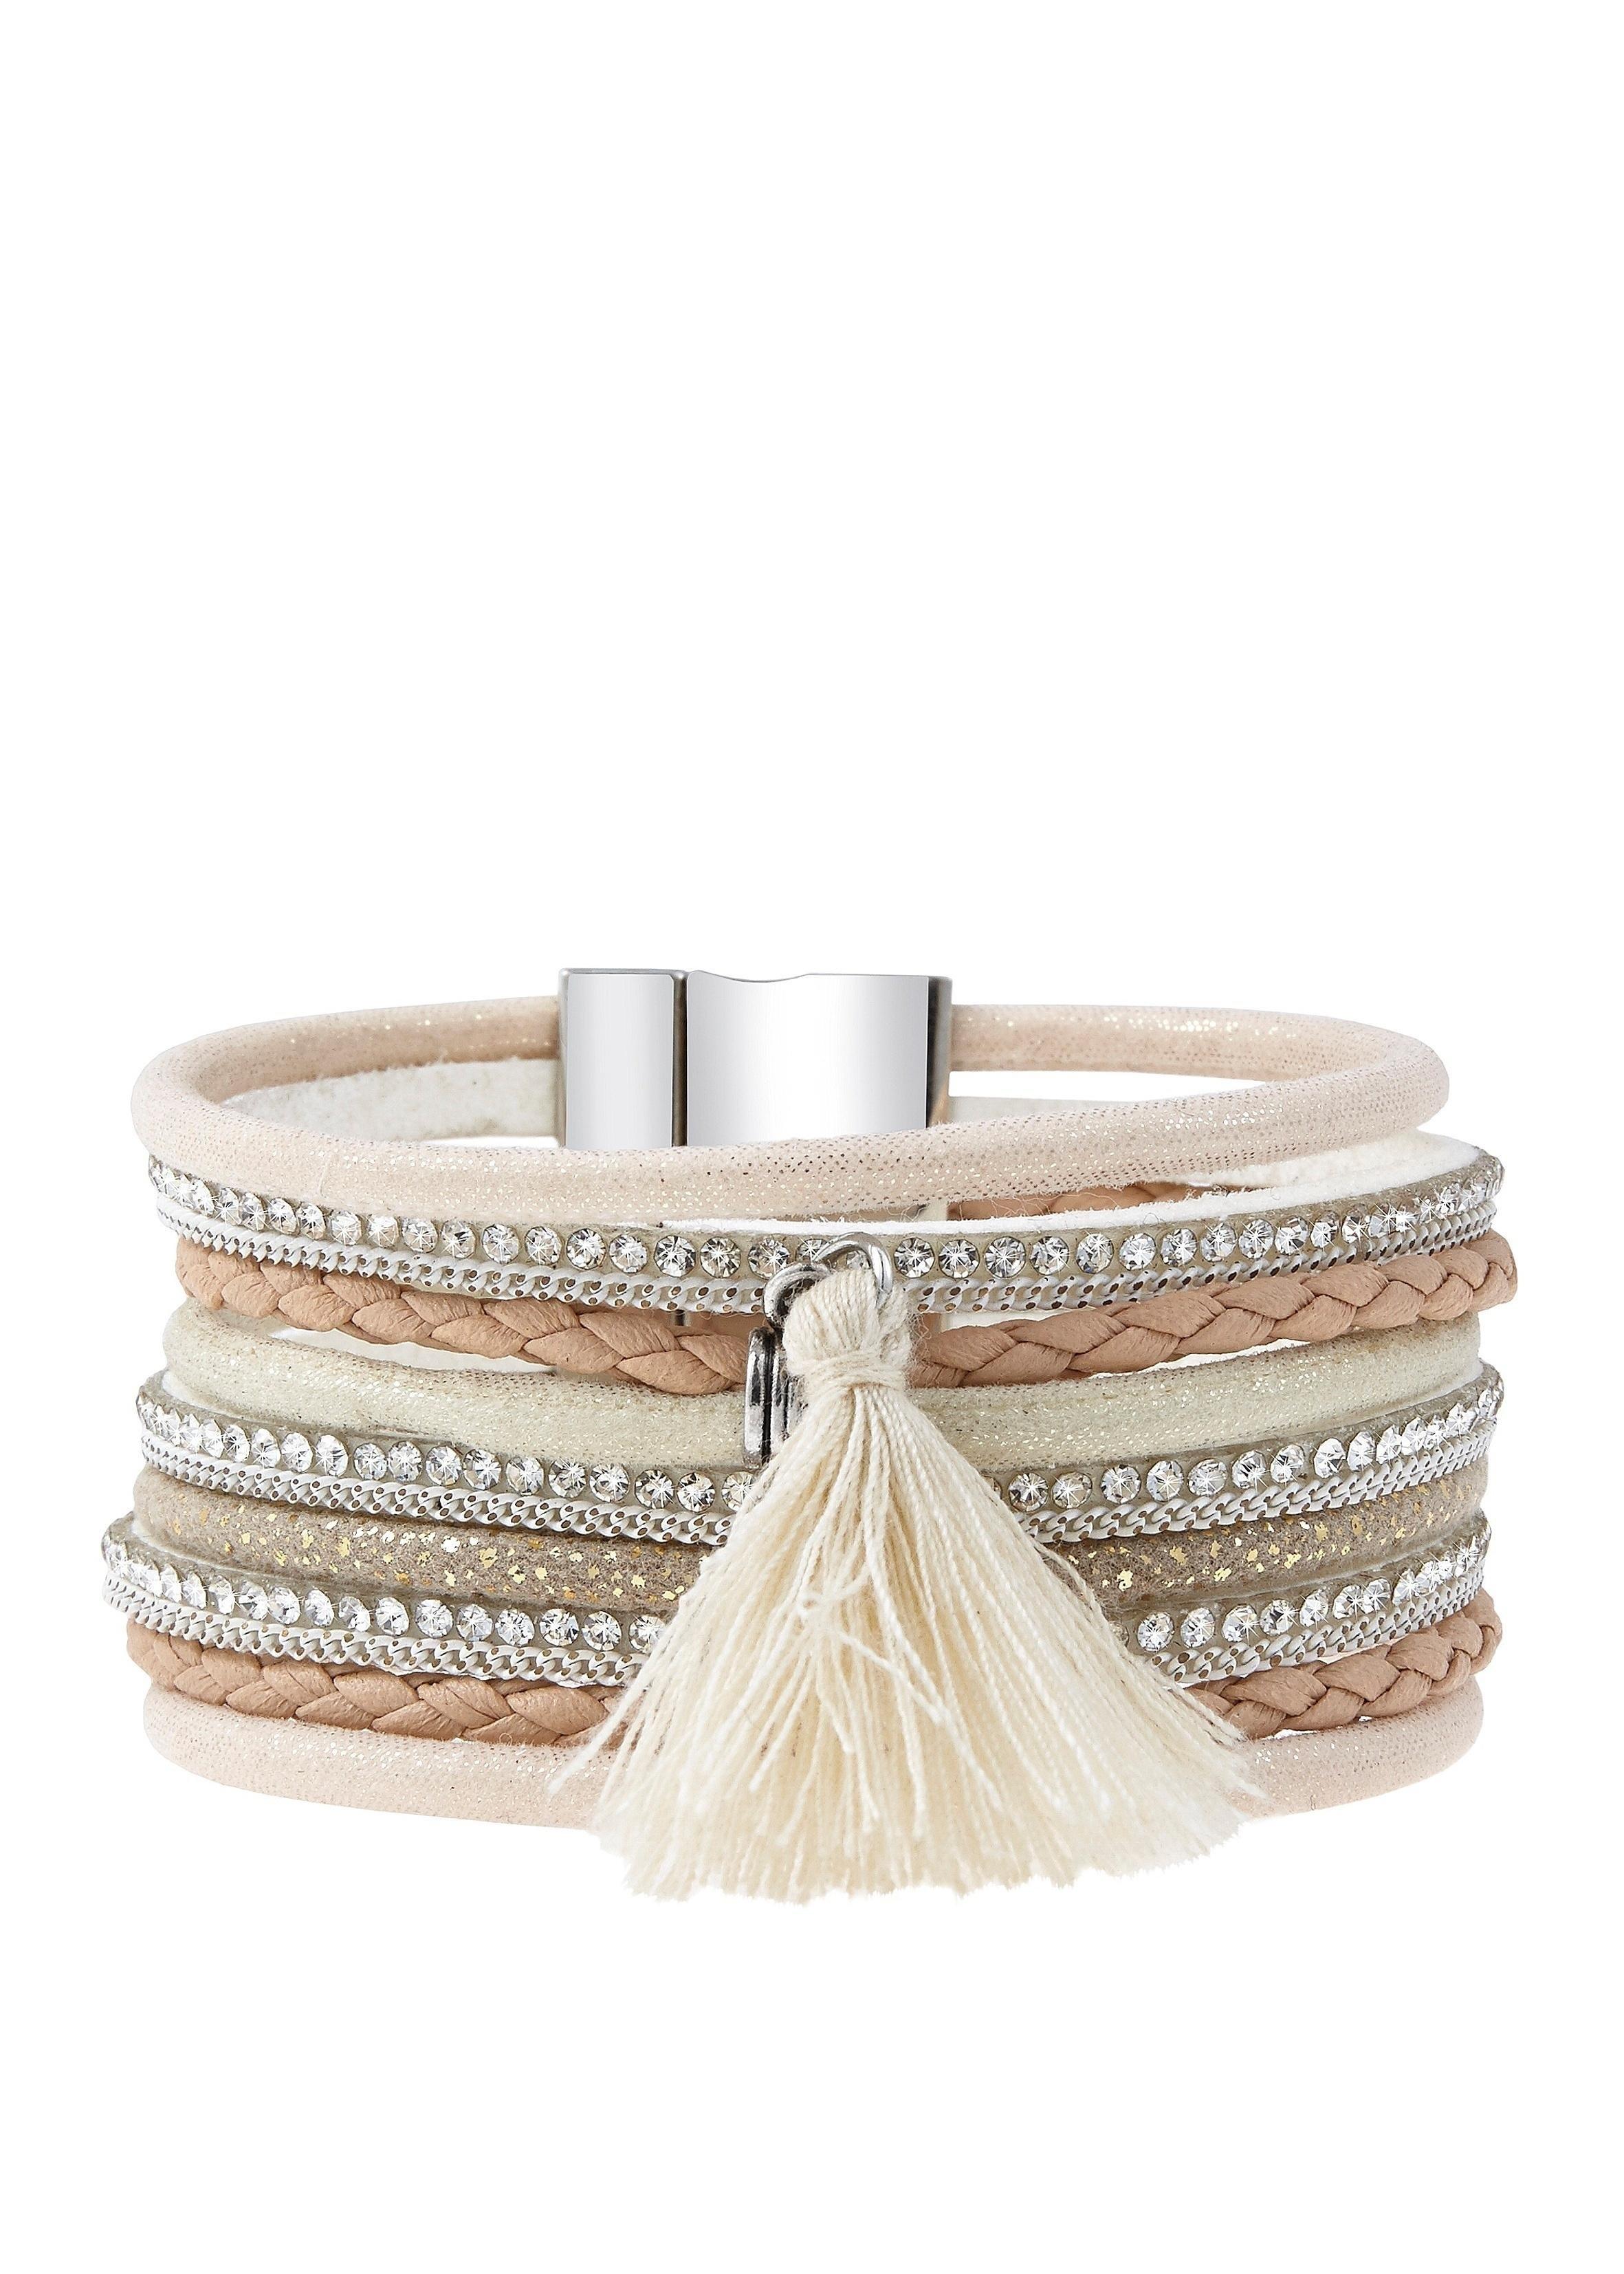 LASCANA armband goedkoop op lascana.nl kopen